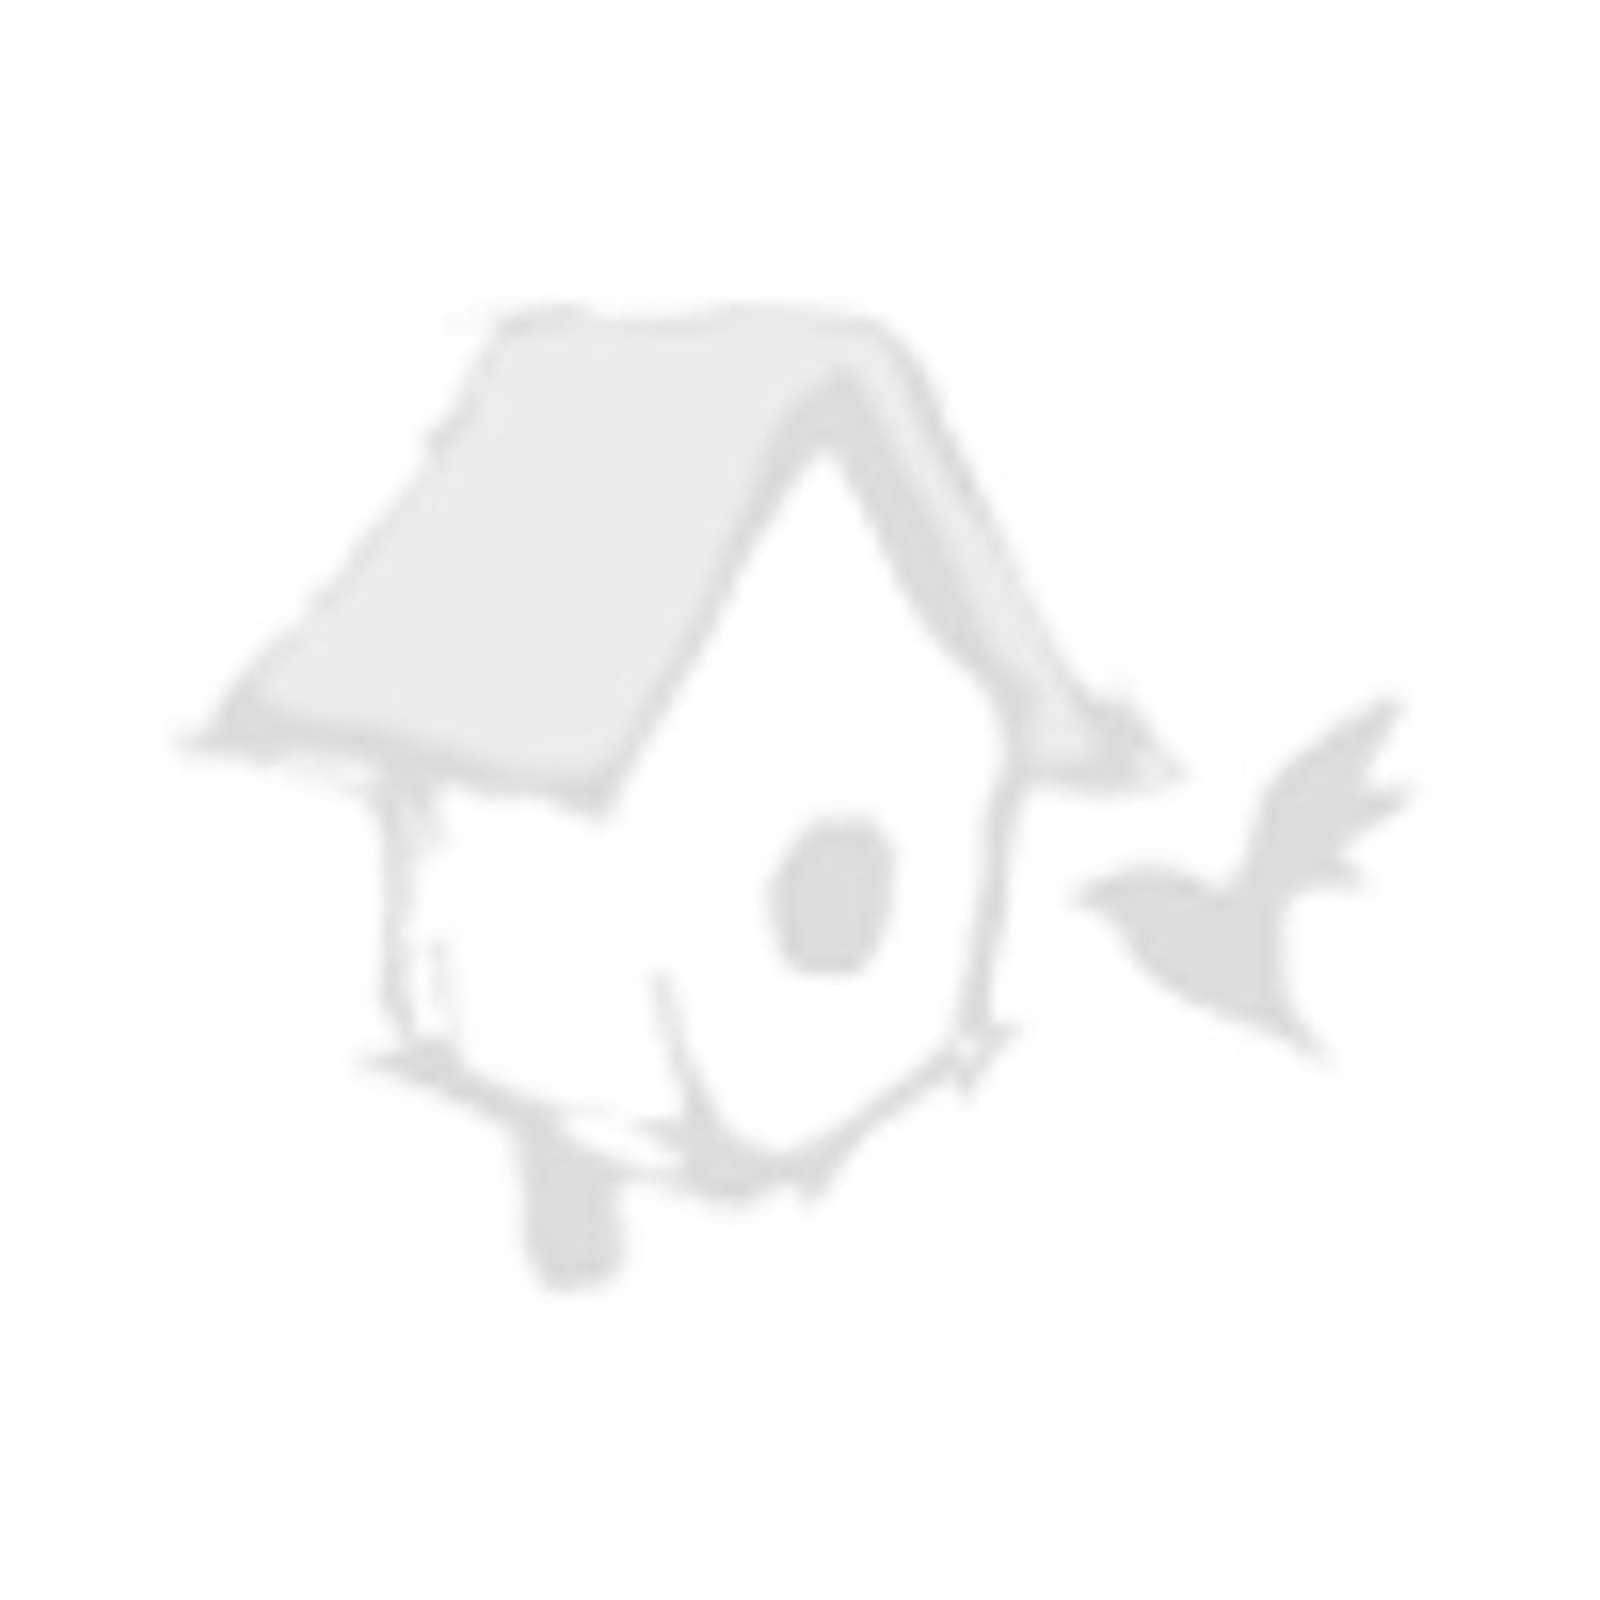 Набор для сварки коммерческого линолеума LEISTER (9 предметов) ТМ01702122014